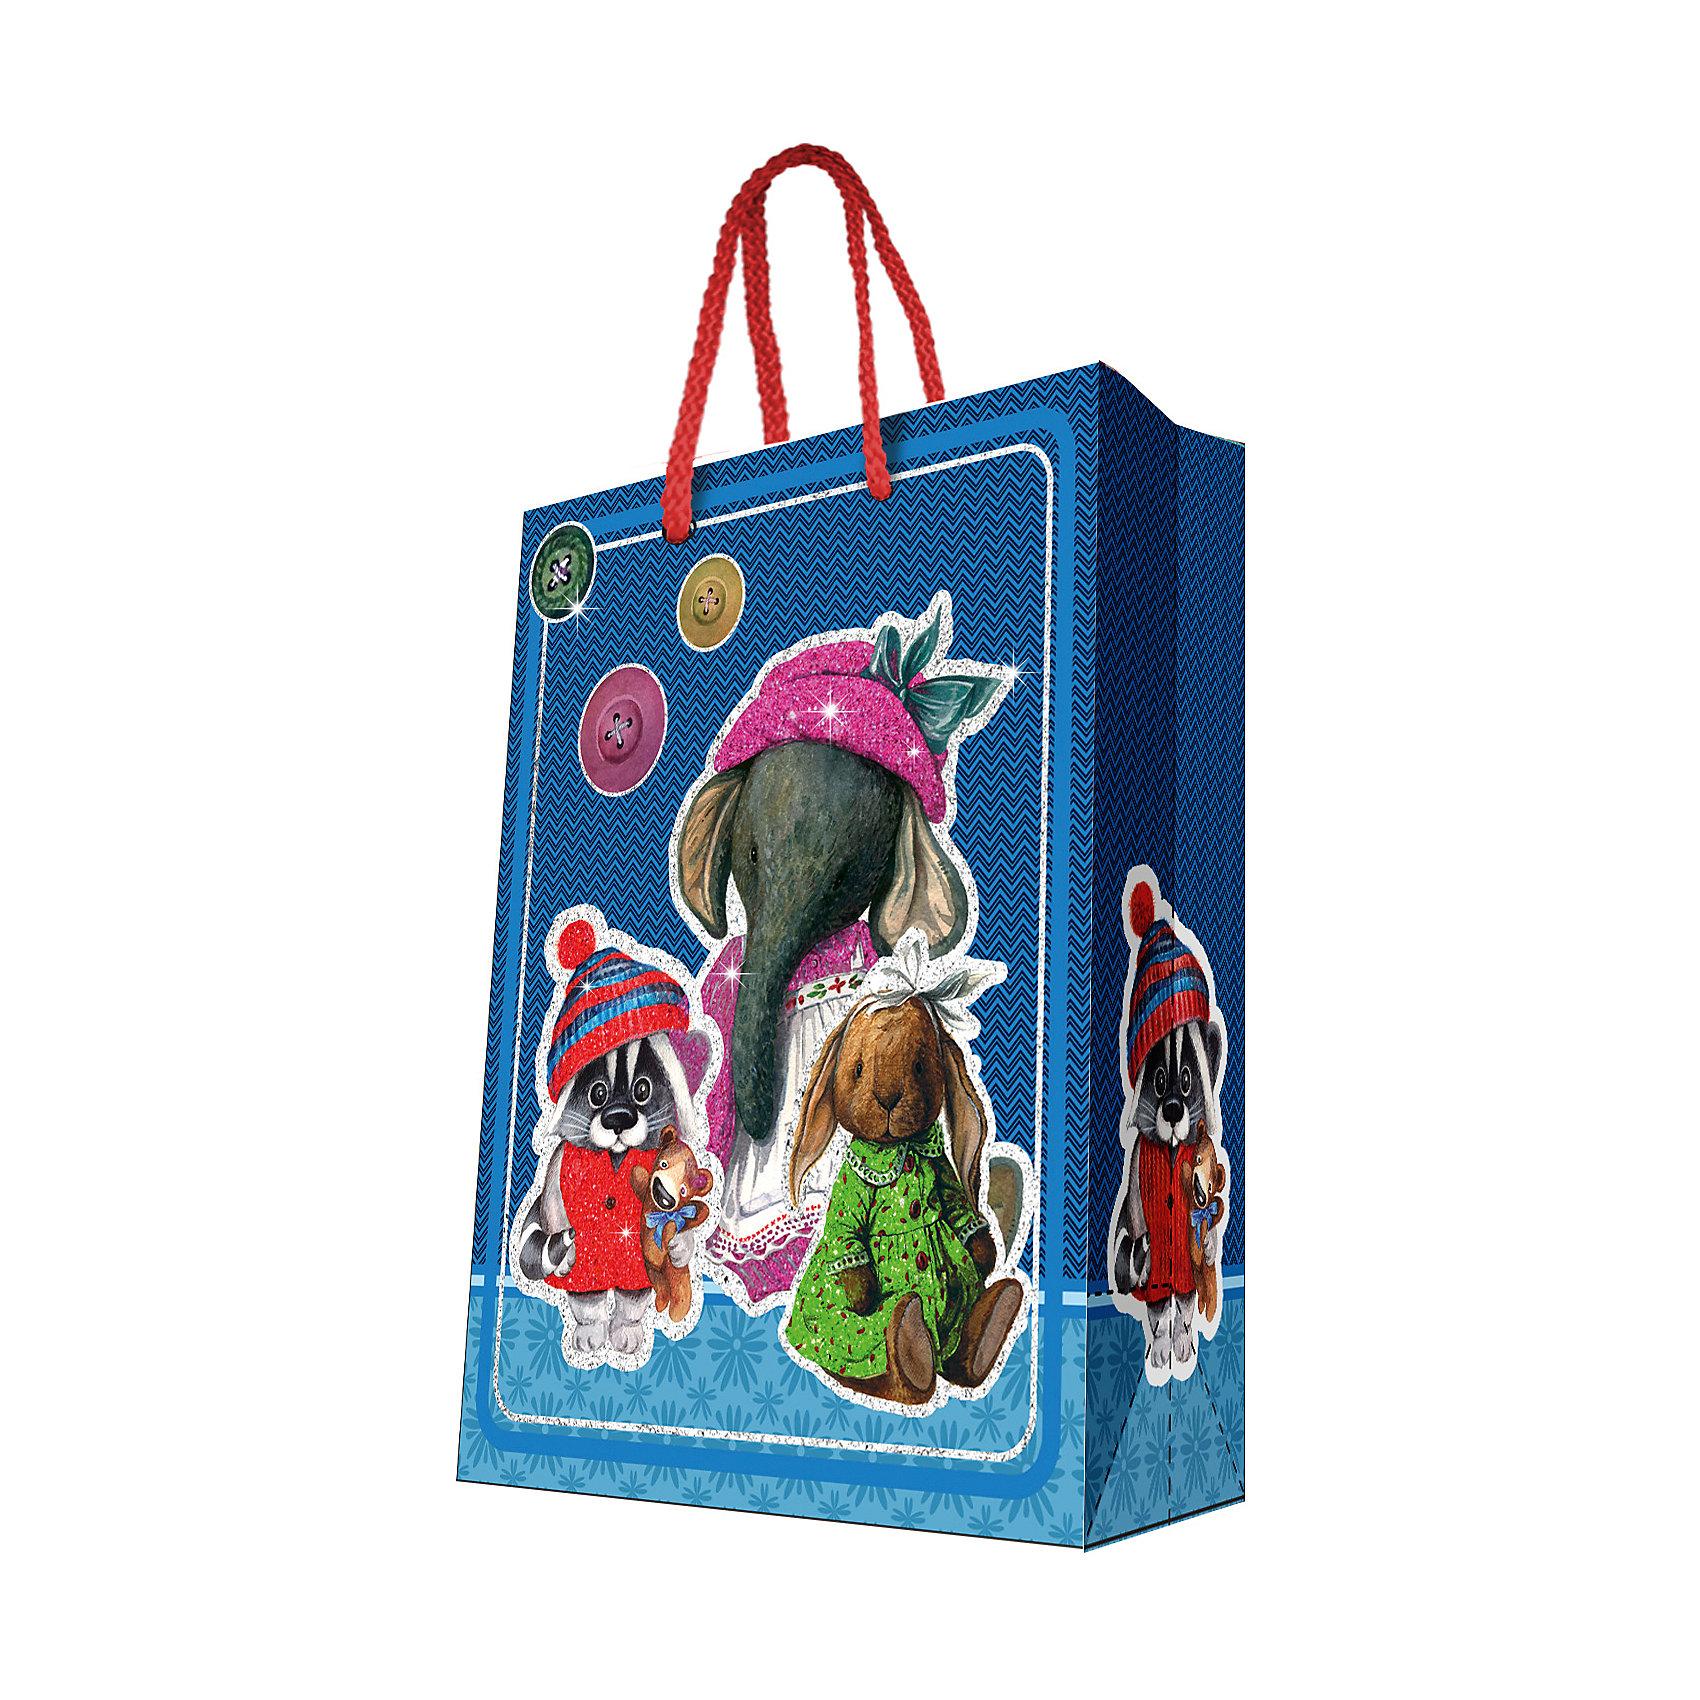 Феникс-Презент Подарочный пакет Ретро-игрушки 26*32,4*12,7 см magic time подарочный пакет новогодняя лампа 26 32 4 12 7 см